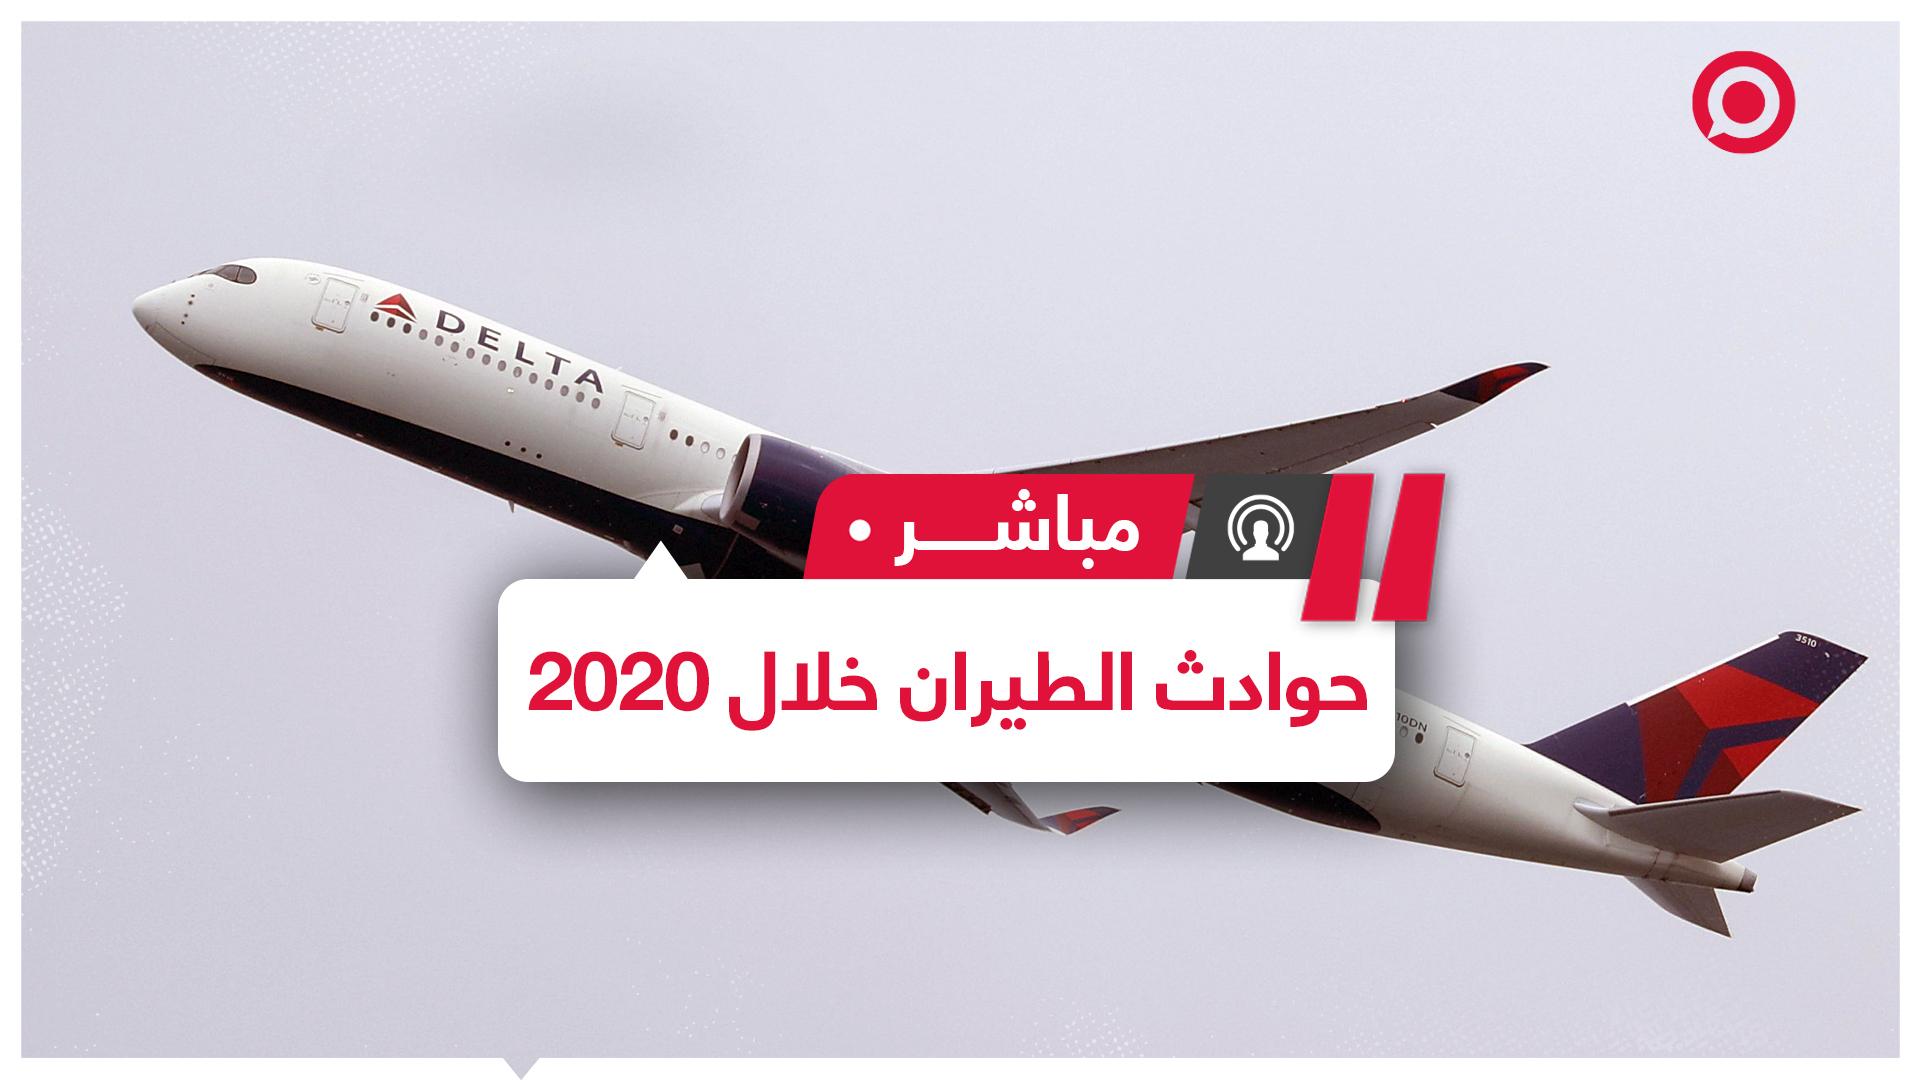 زيادة الوفيات بحوادث الطيران عام 2020 رغم الحظر.. لماذا؟